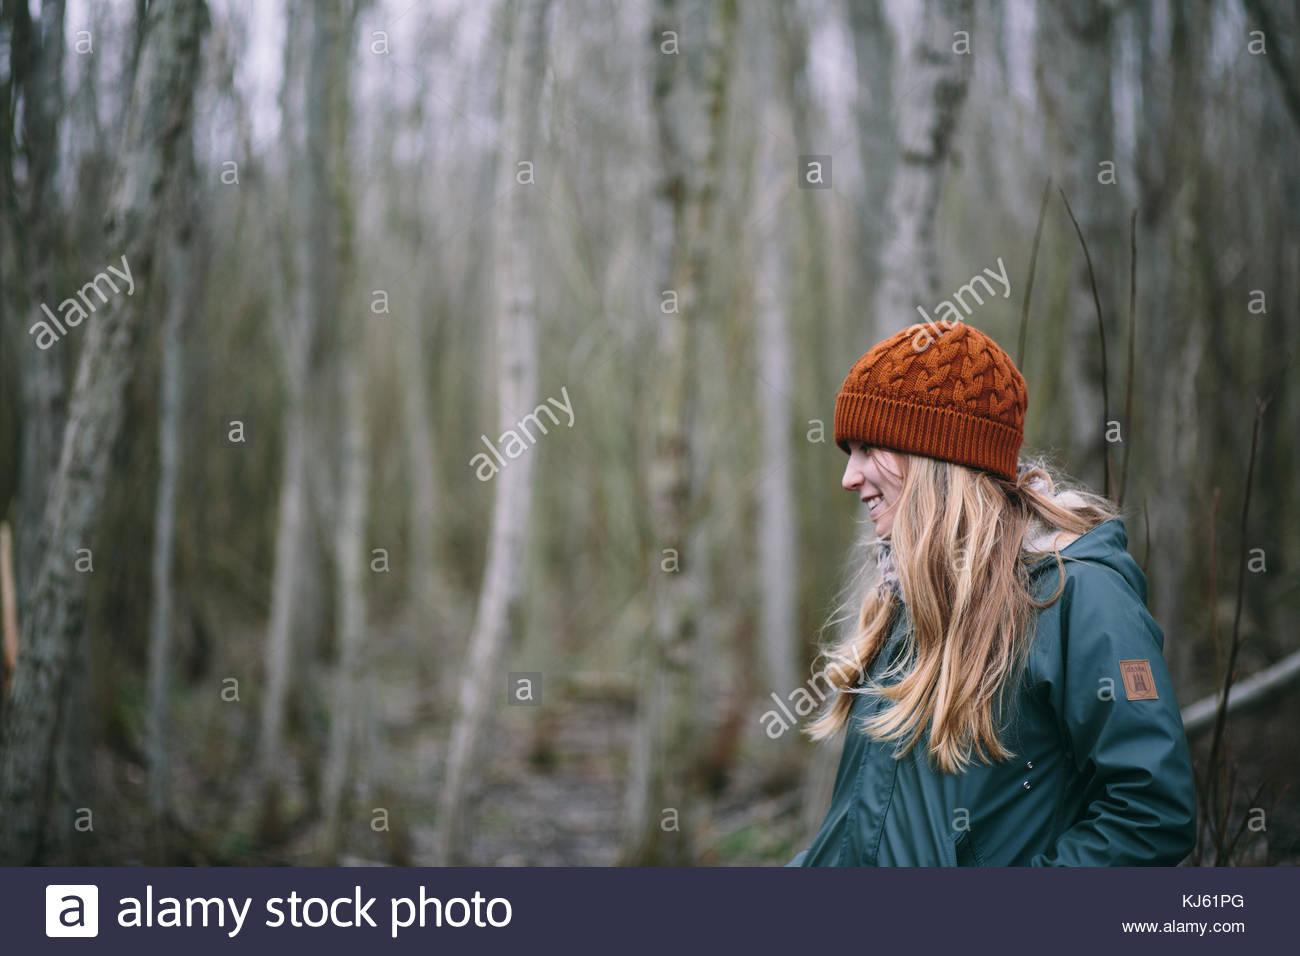 Blonde Mädchen mit braunen Strickmütze im Wald Stockbild